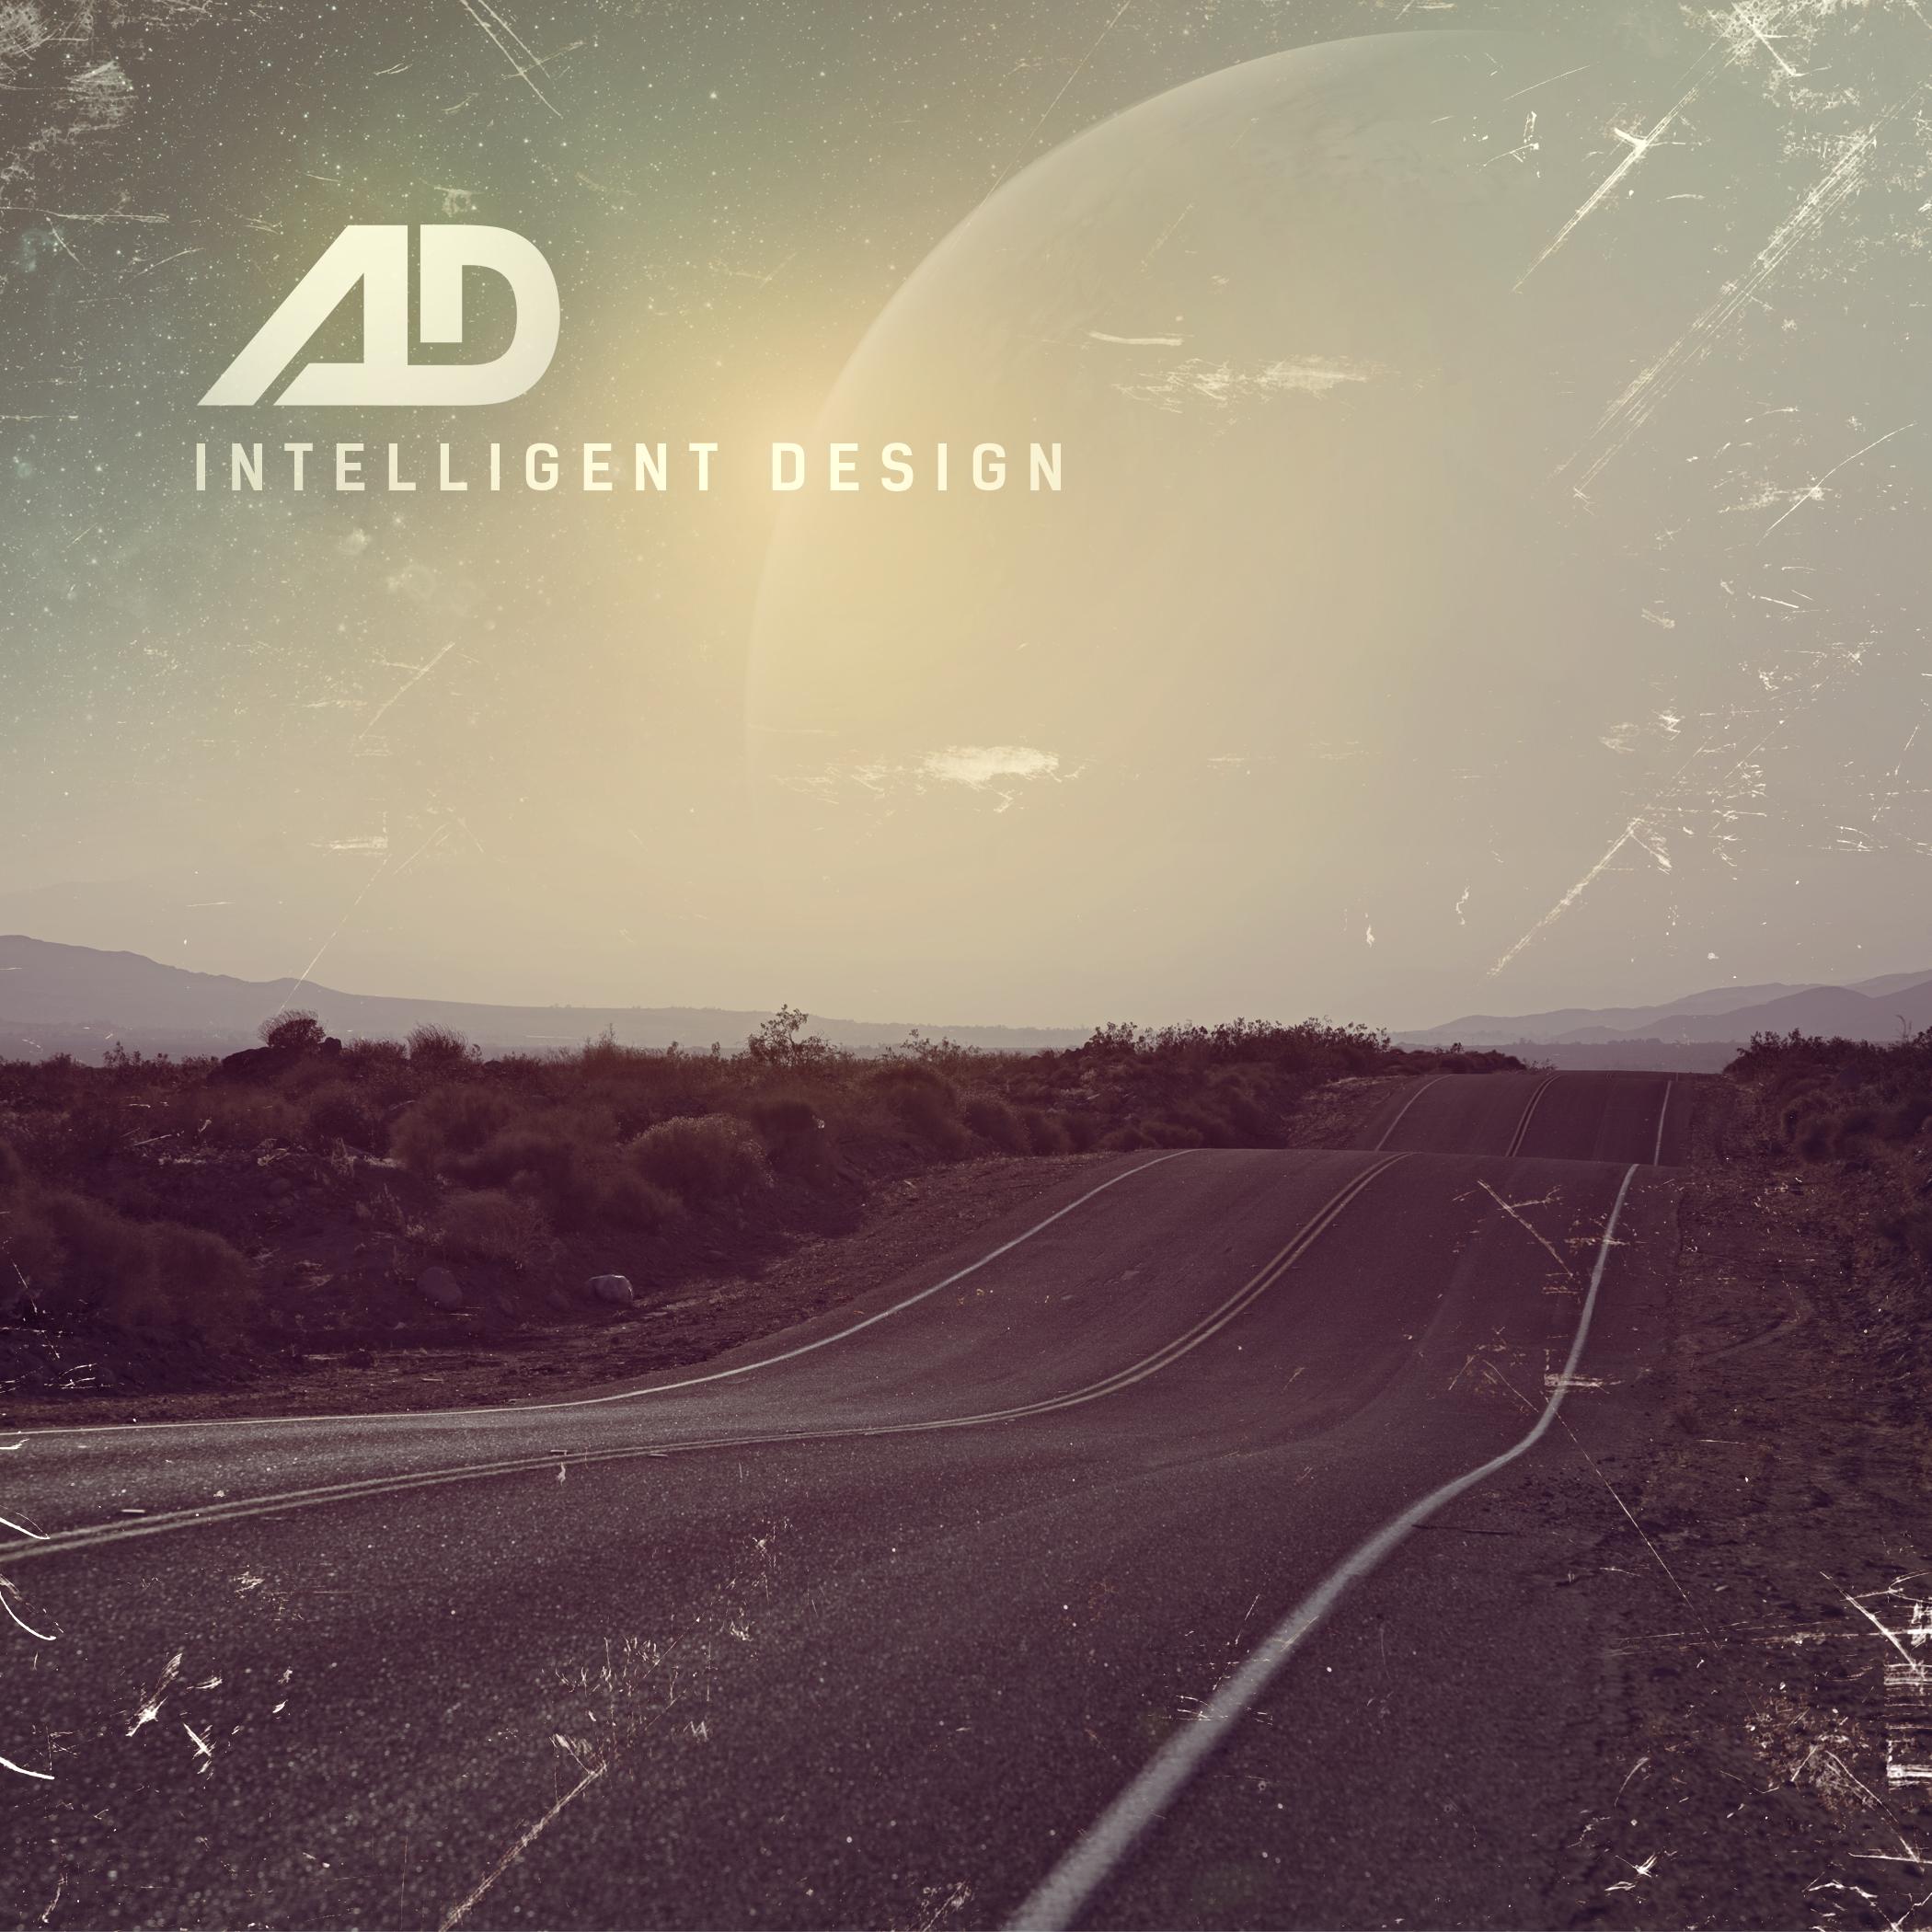 AD - Intelligent Design